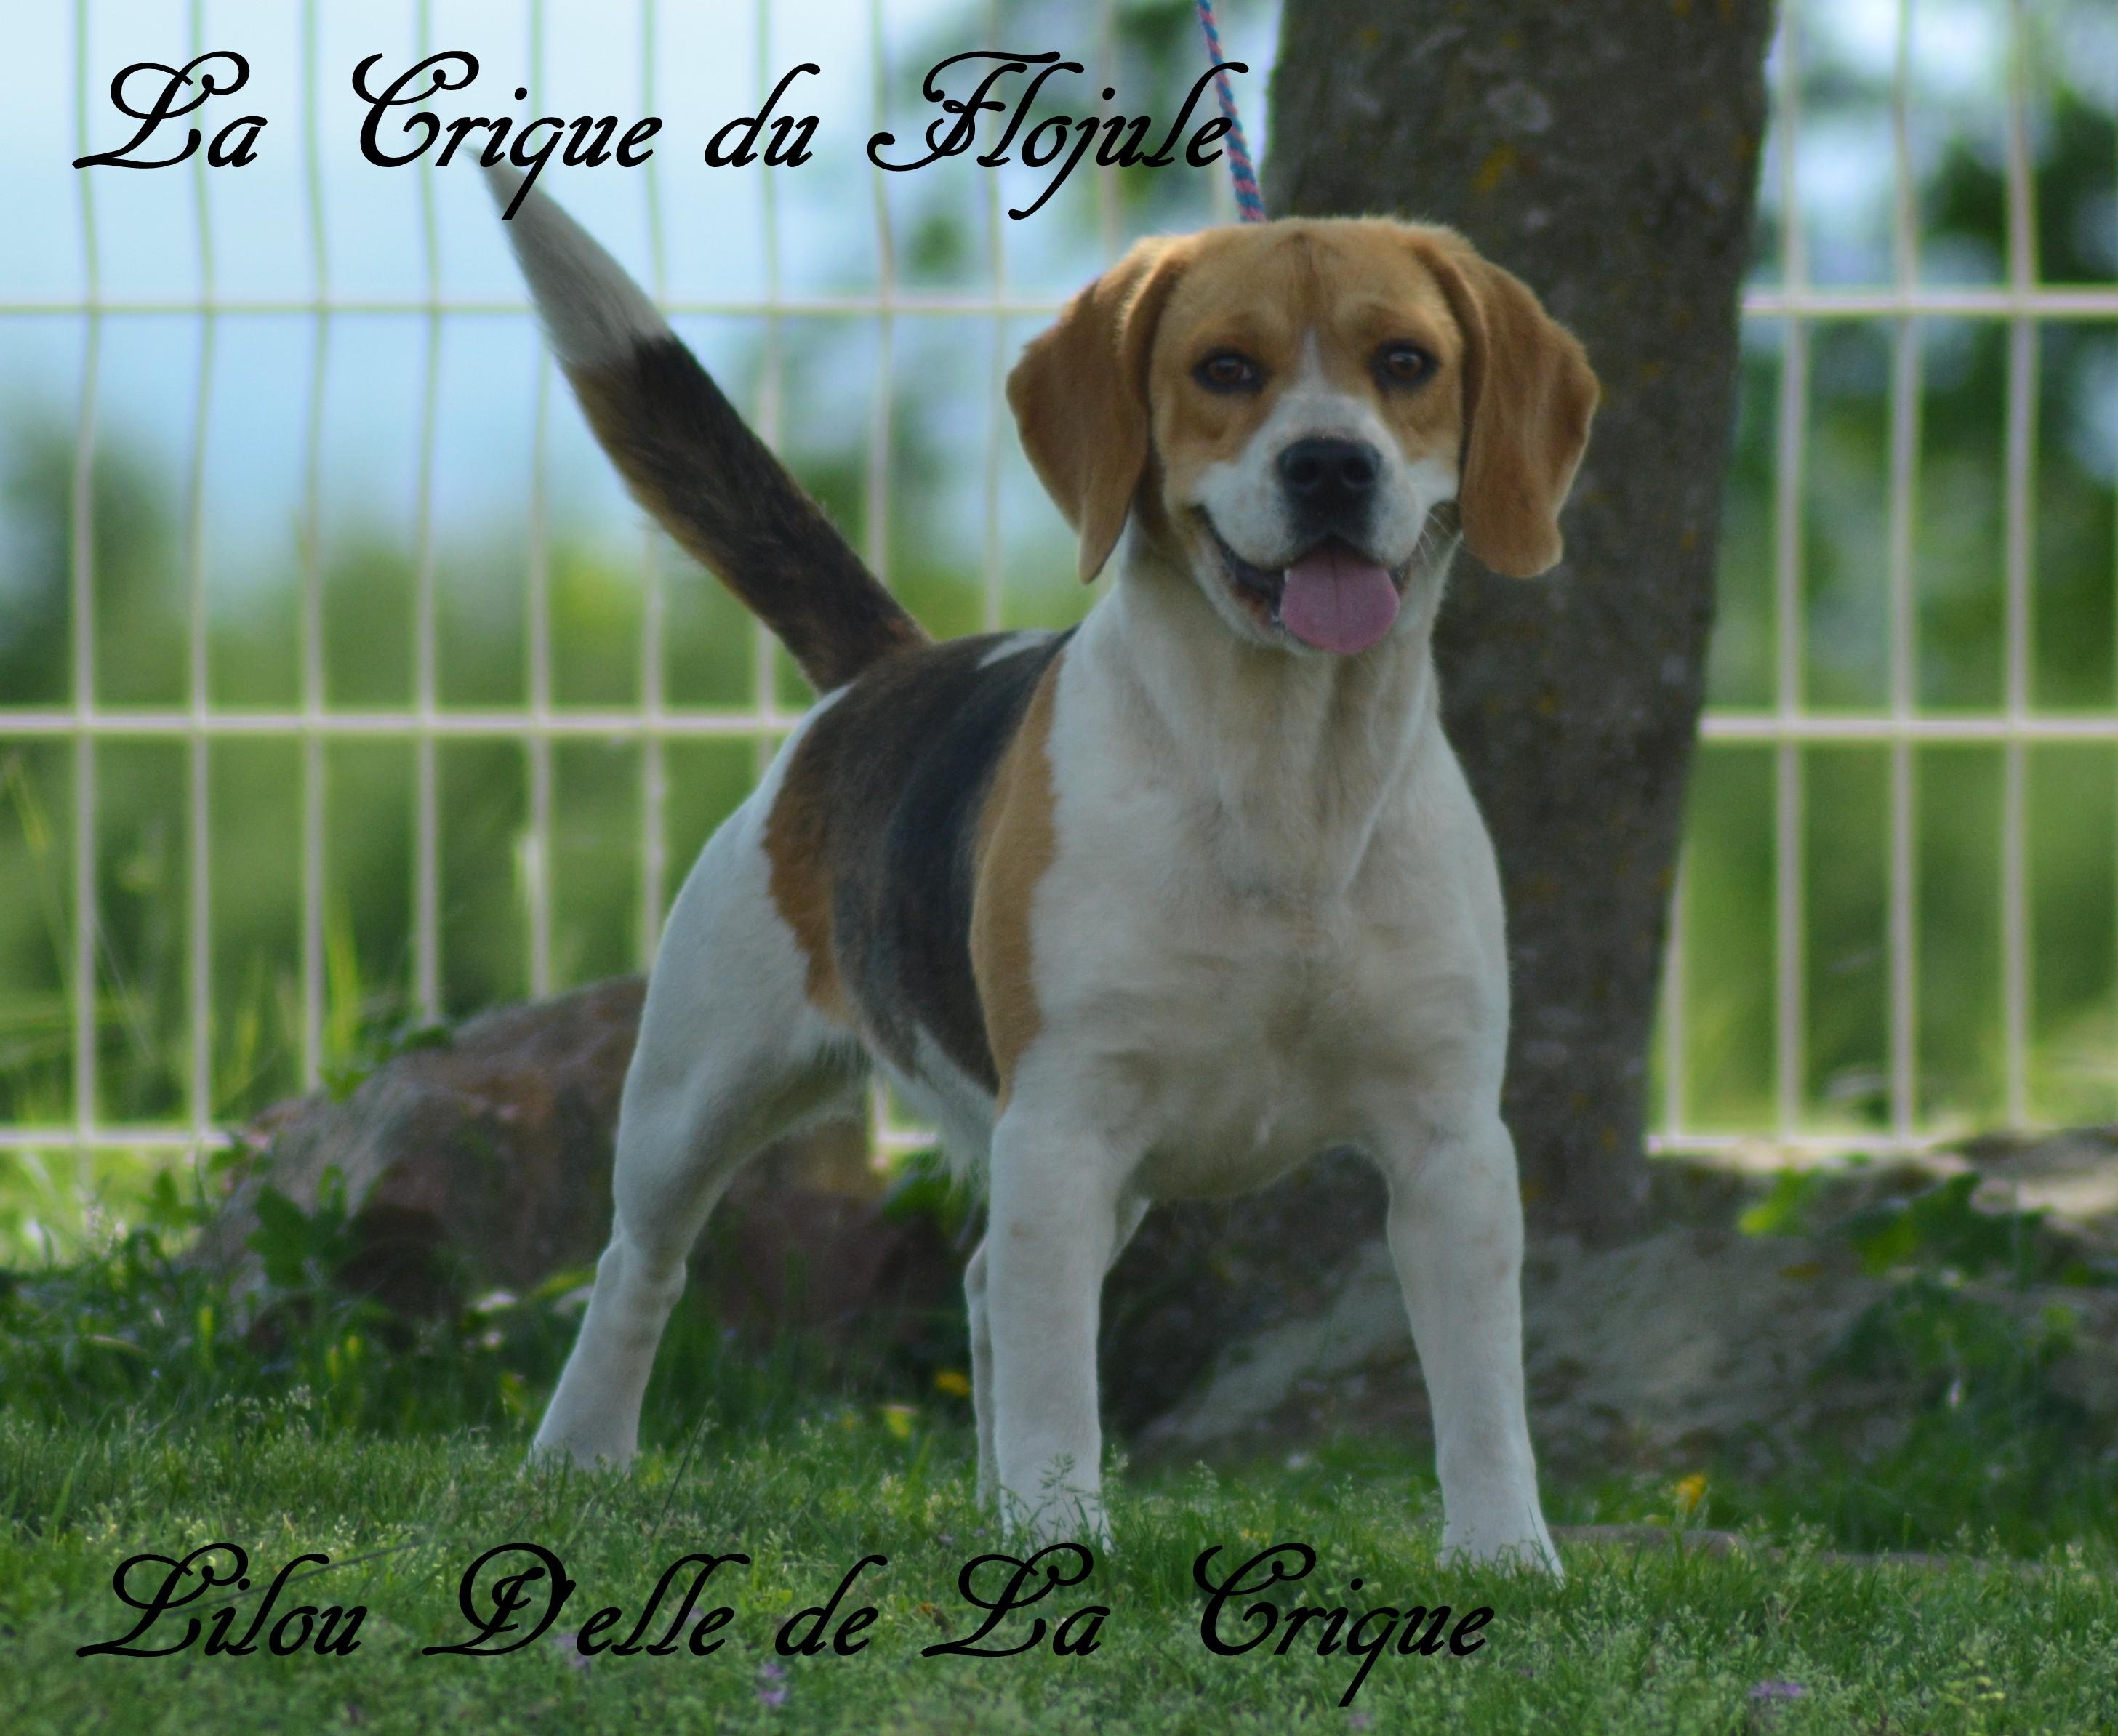 Les Beagle de l'affixe De la crique du Flojule